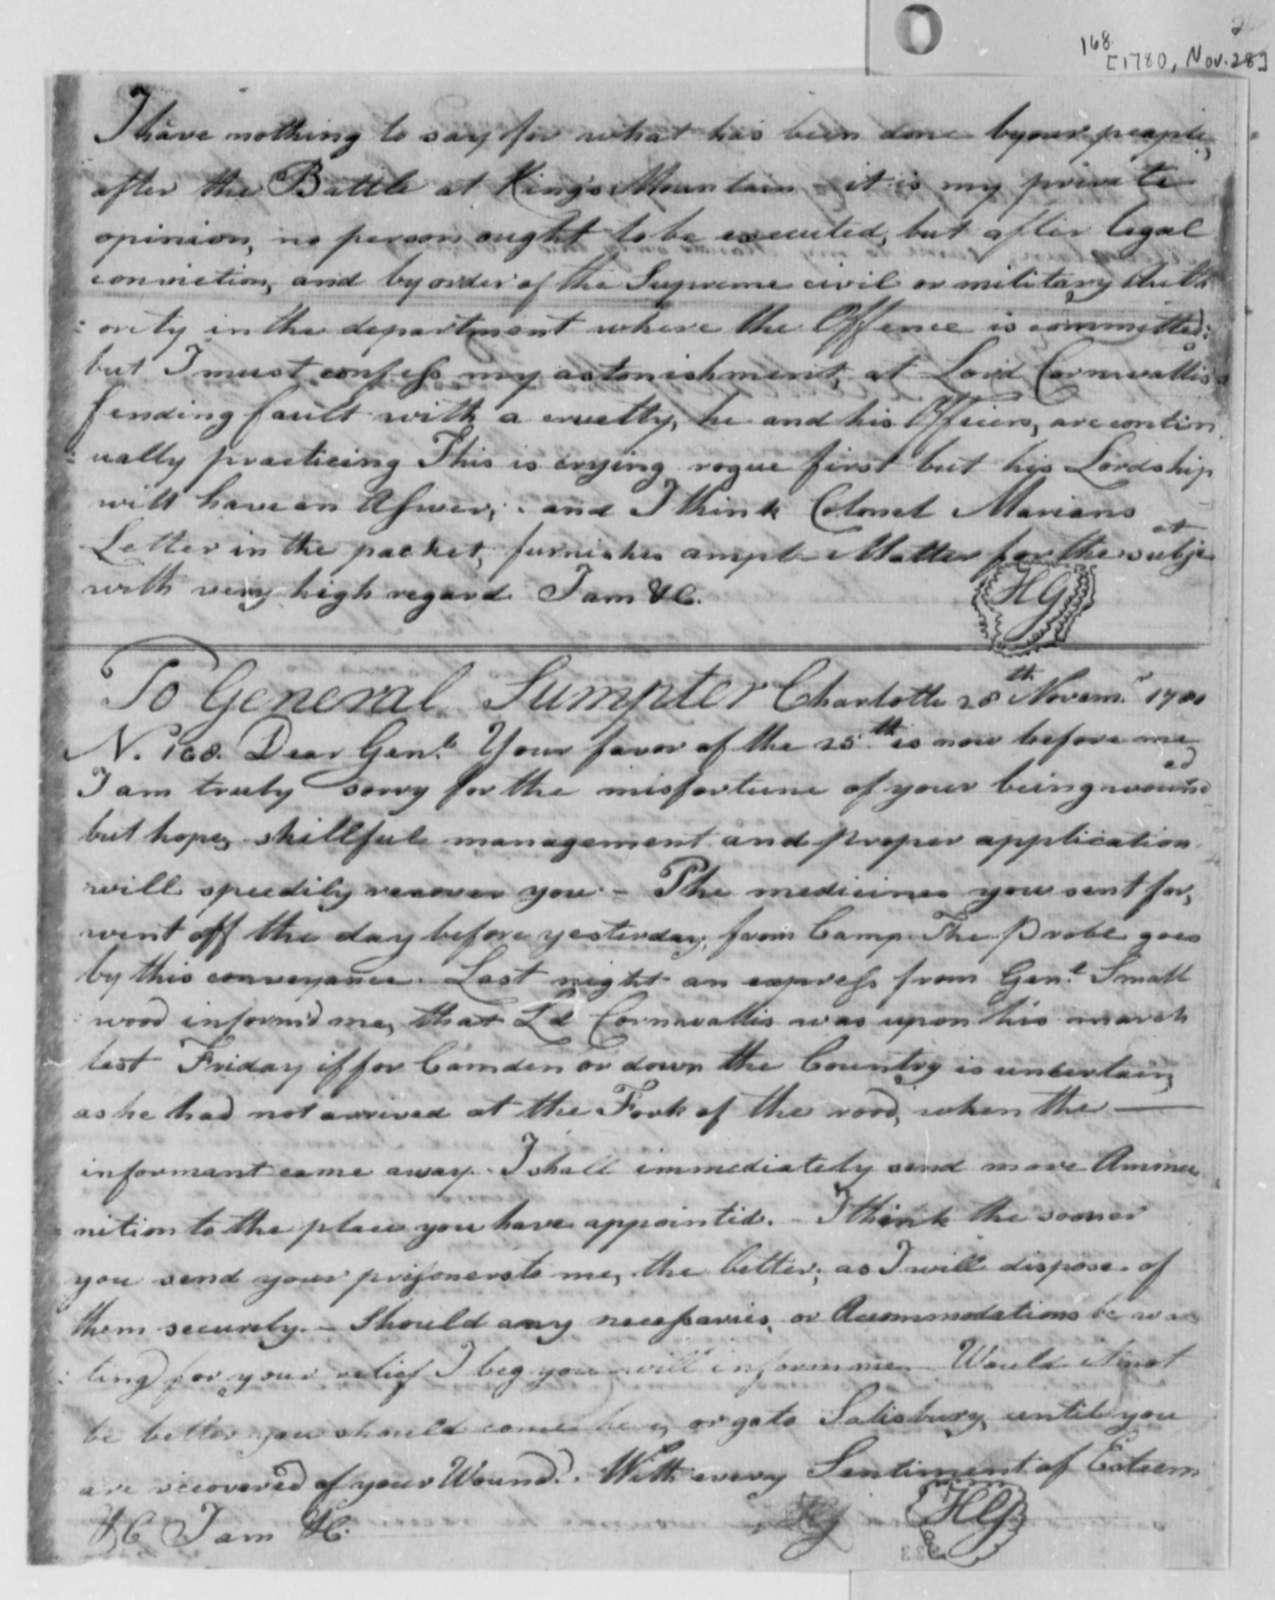 Horatio Gates to Thomas Sumter, November 26, 1780